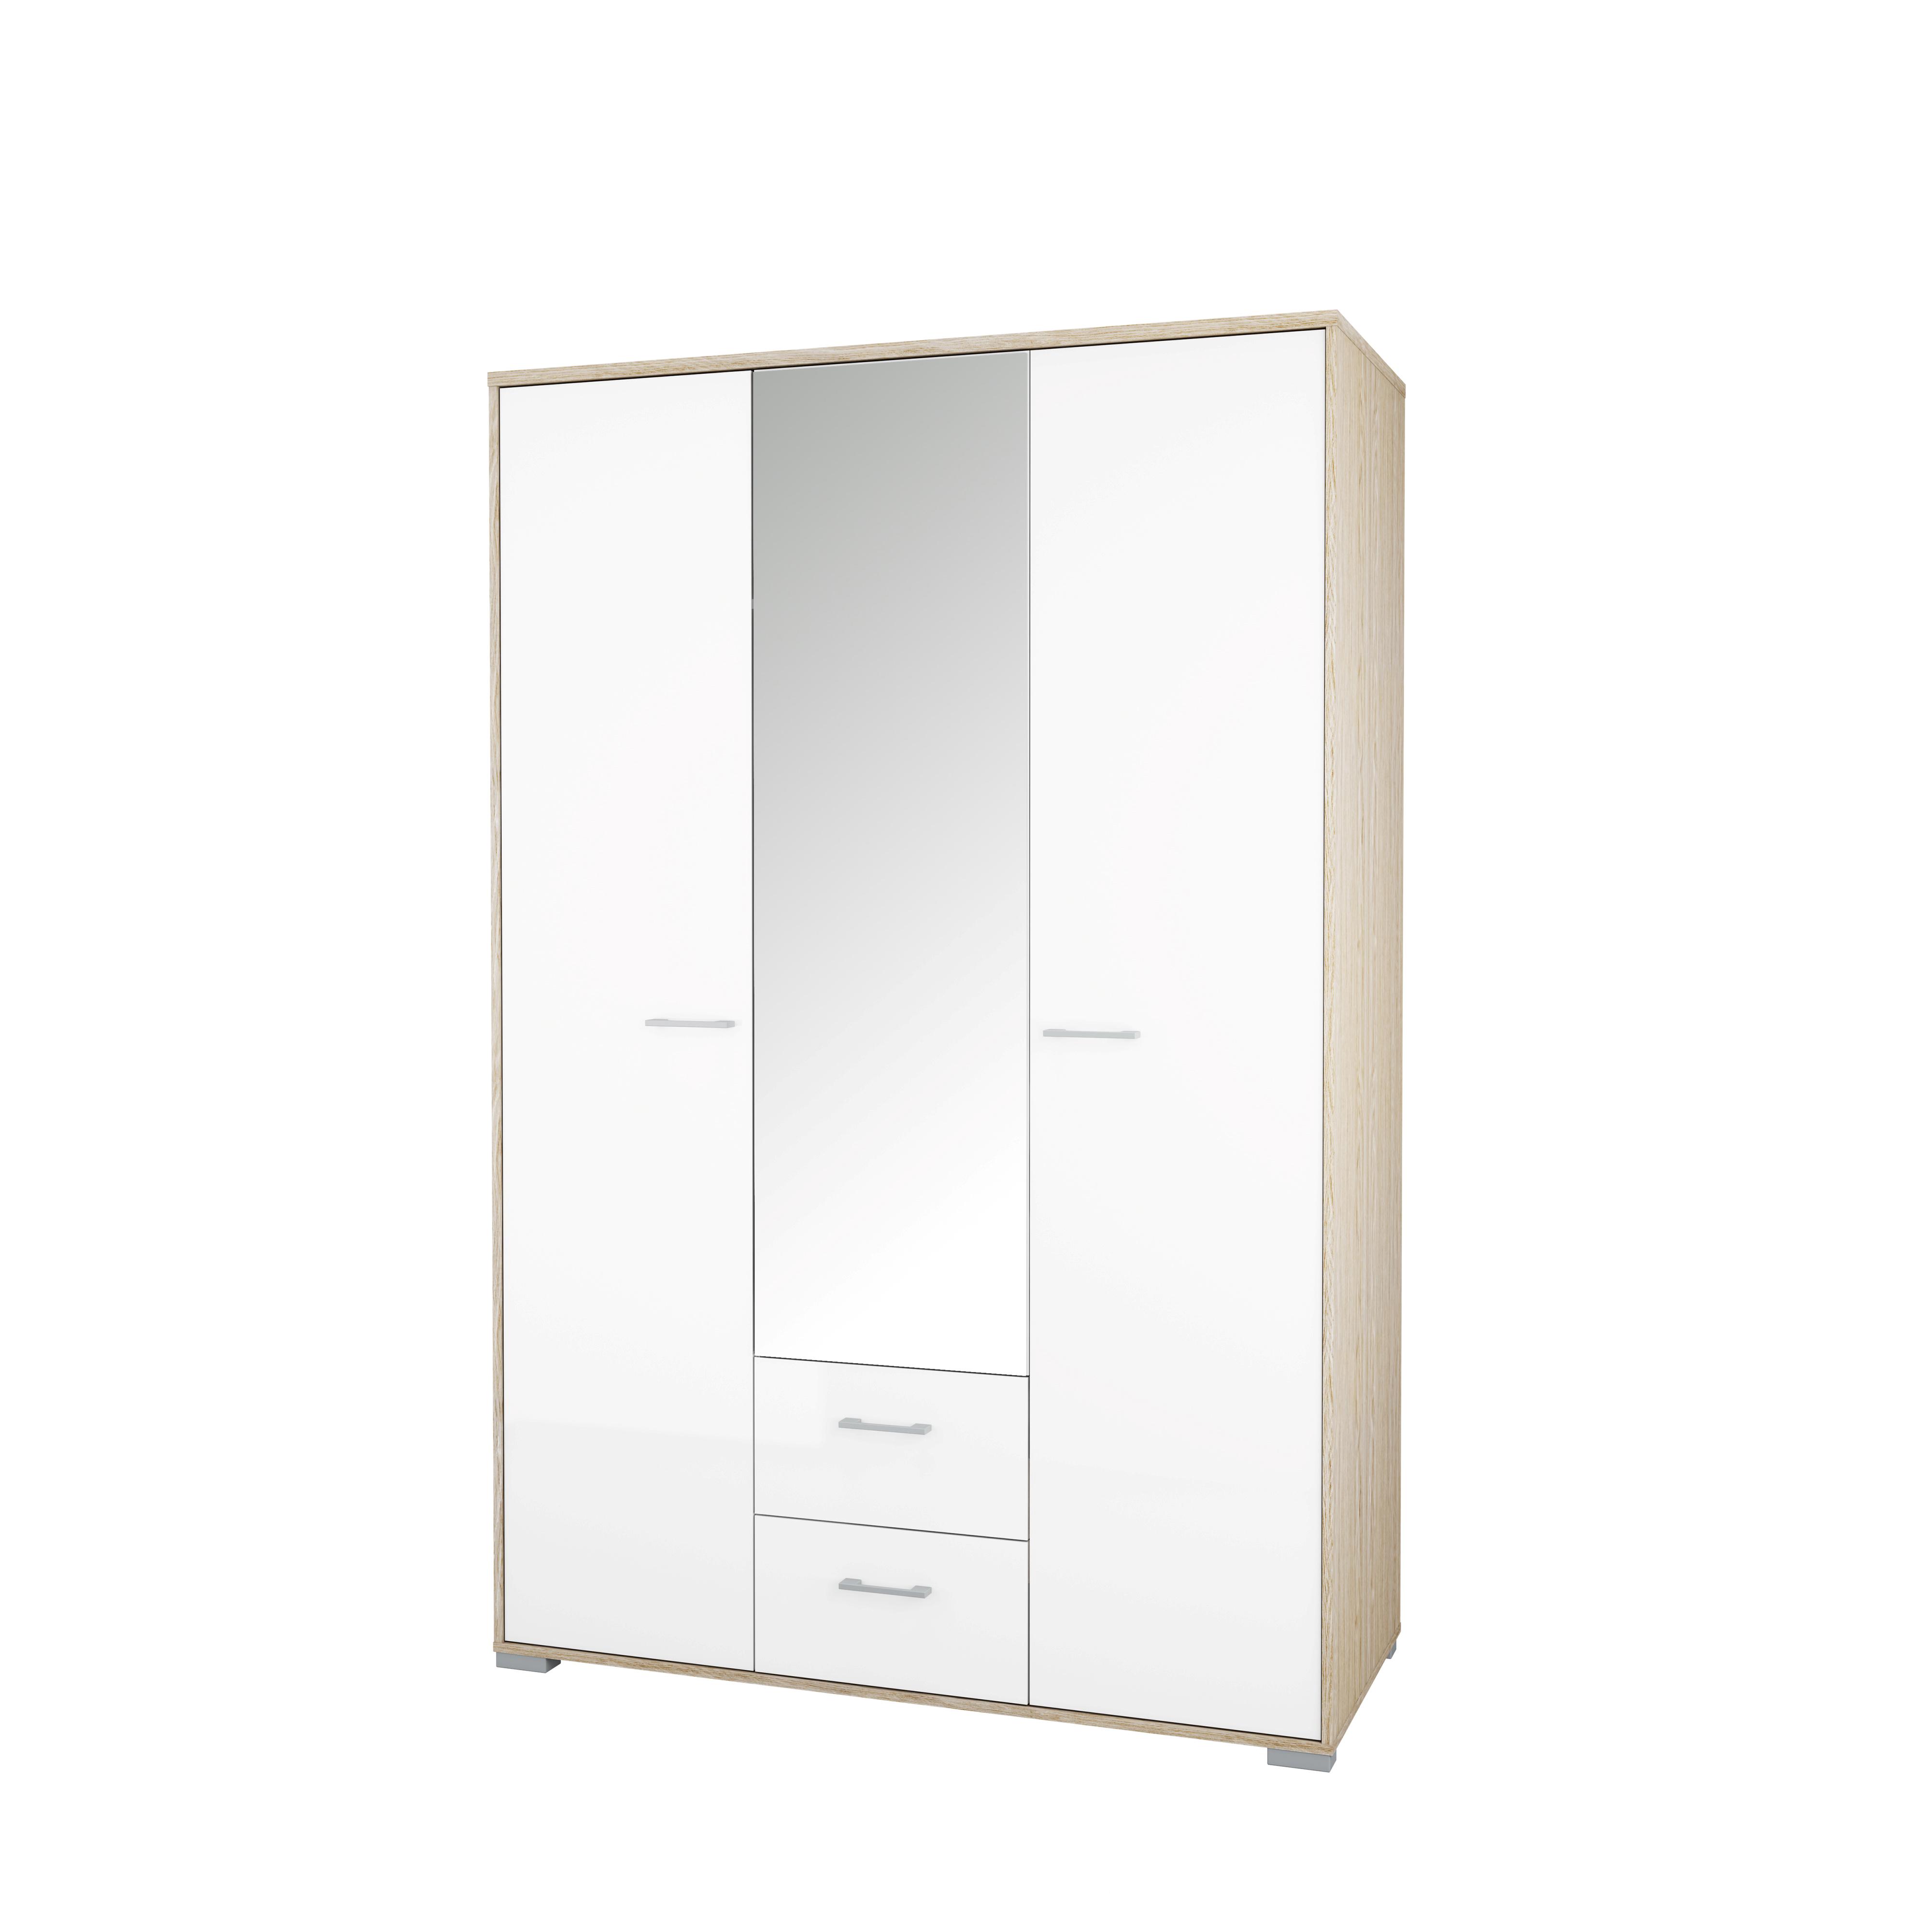 Homeline garderobeskab - hvid/natur træ, m. spejl, m. 3 låger og 2 skuffer